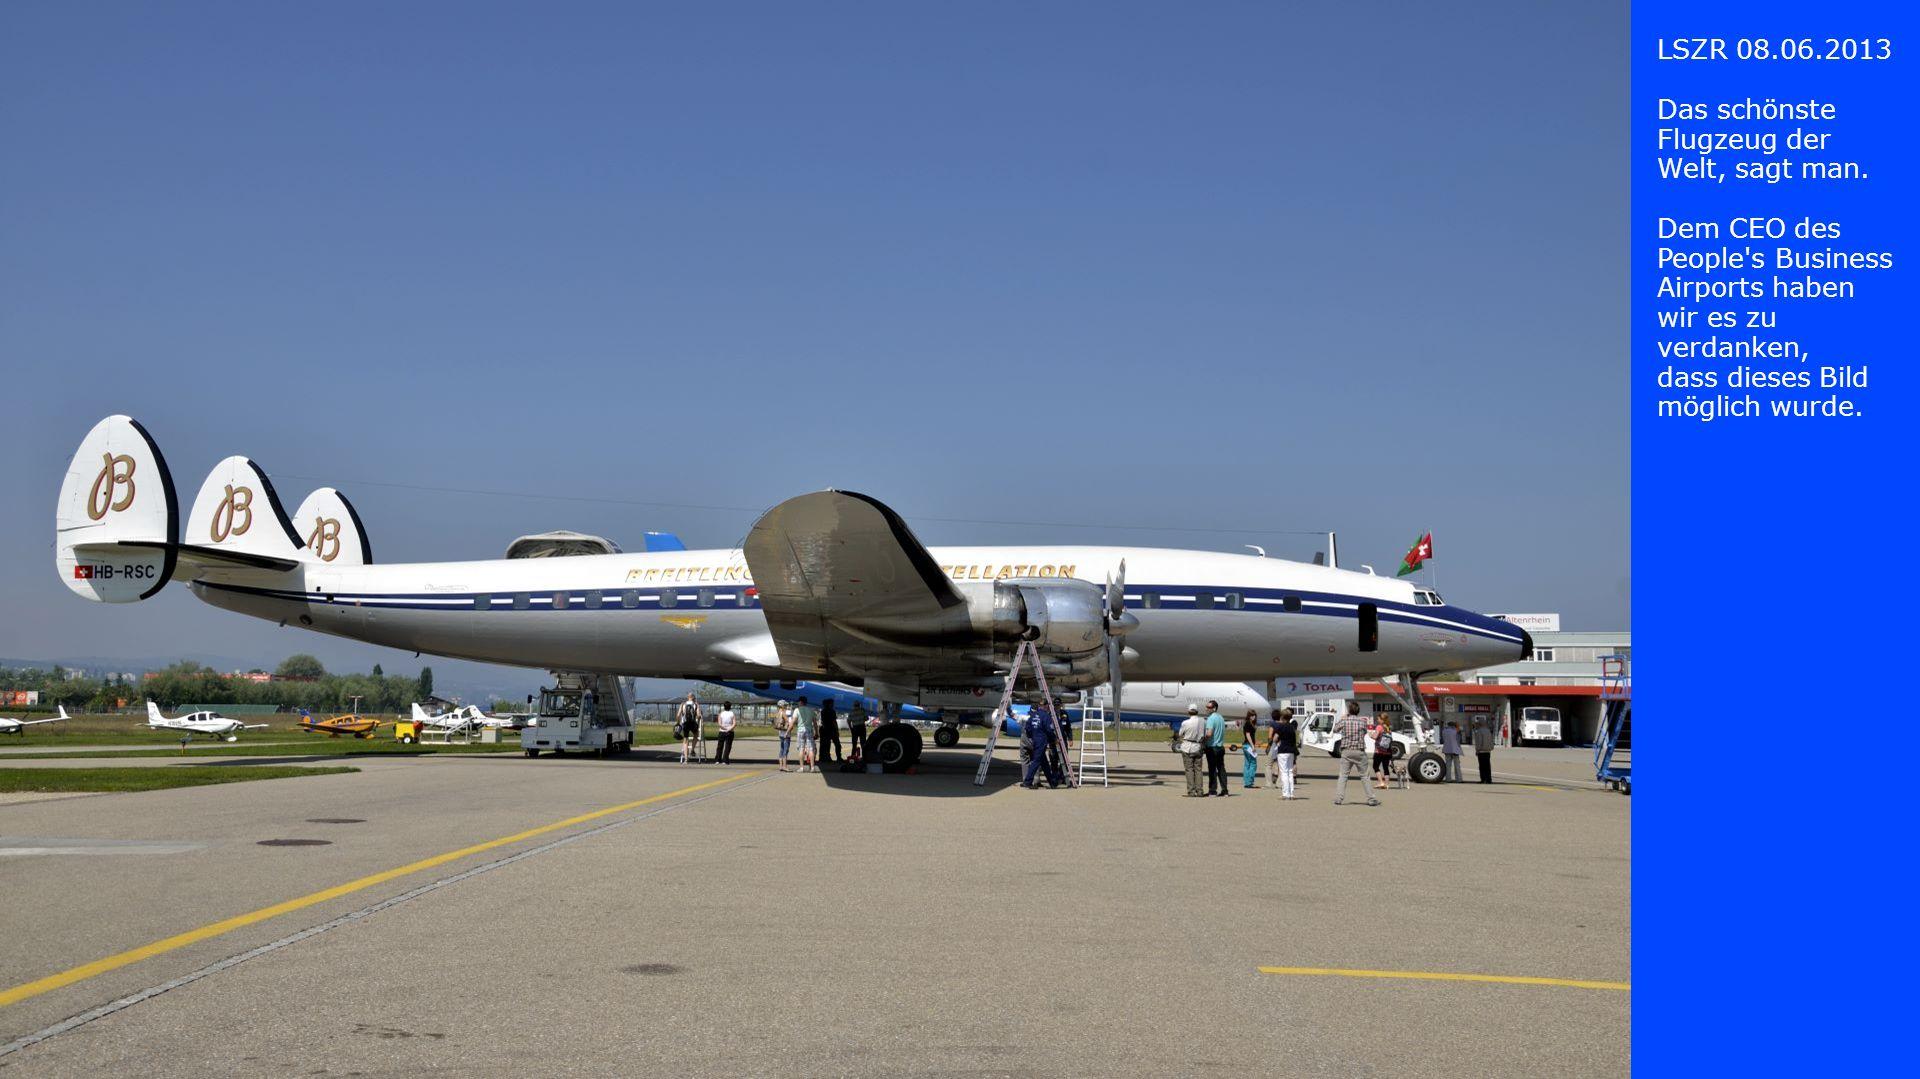 Das schönste Flugzeug der Welt, sagt man.